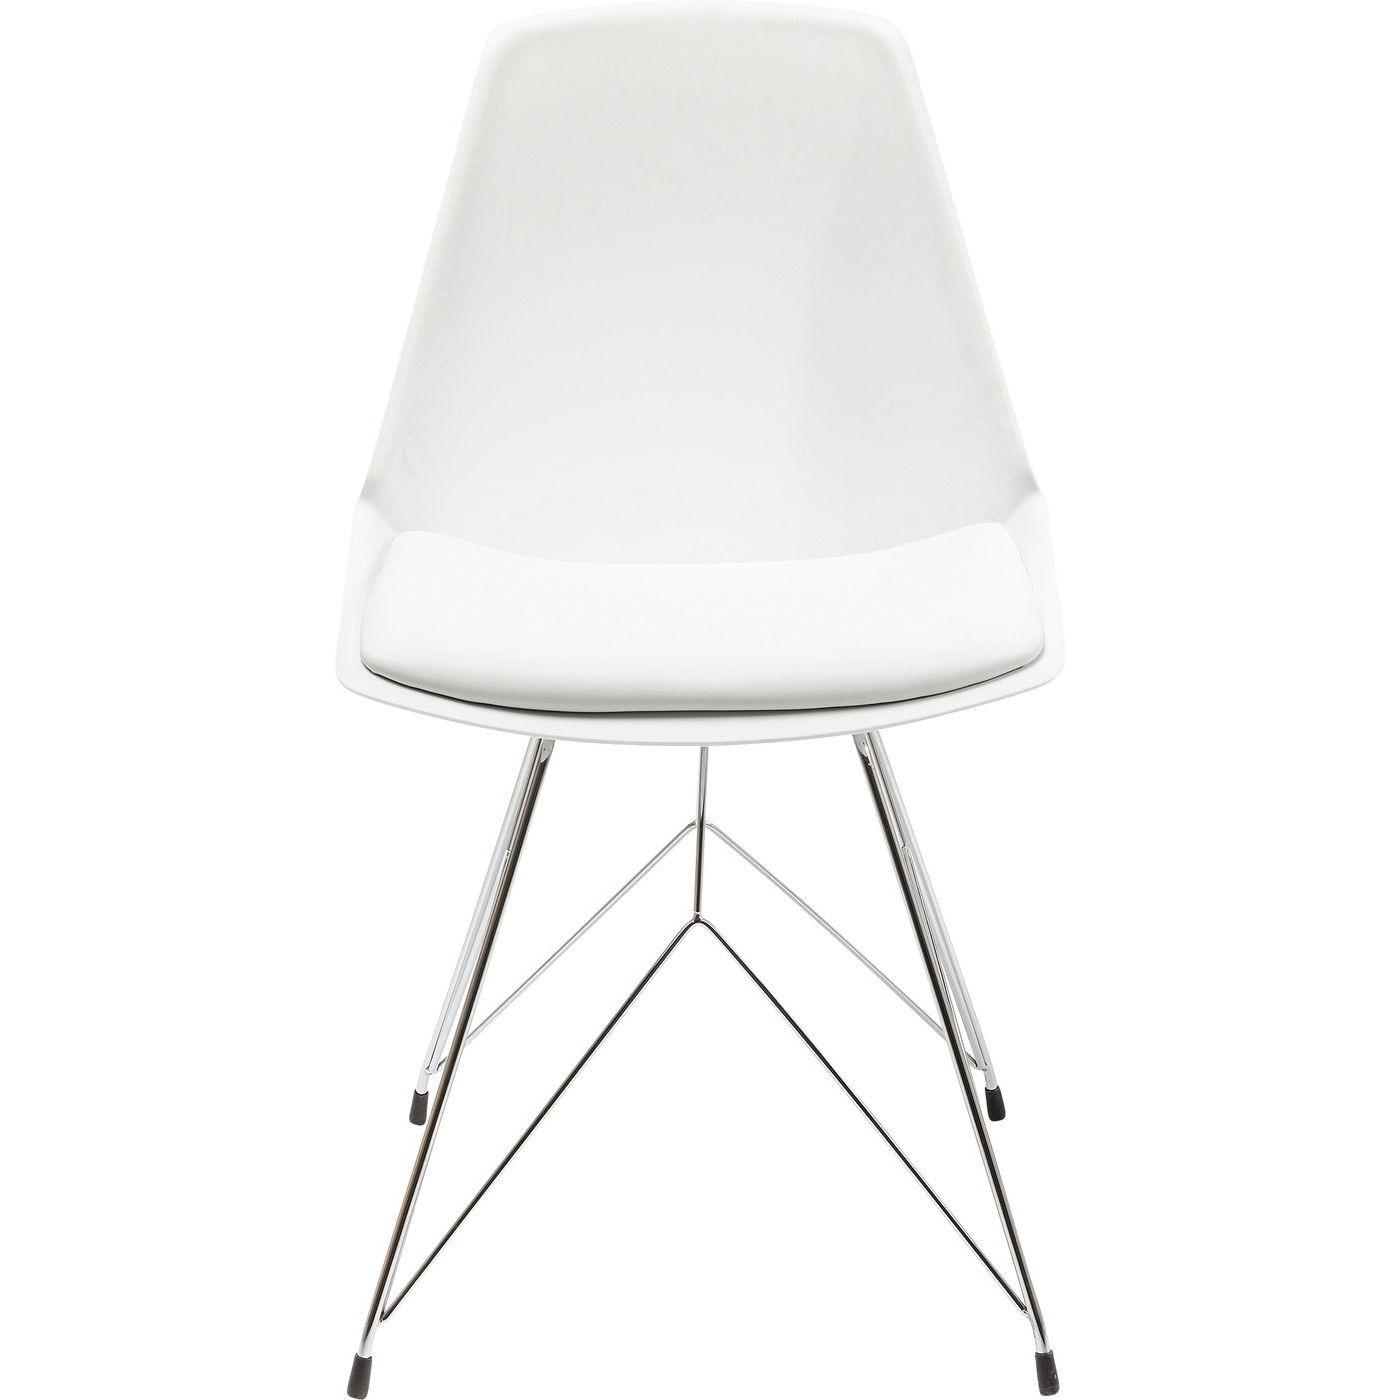 Chaise blanche et acier